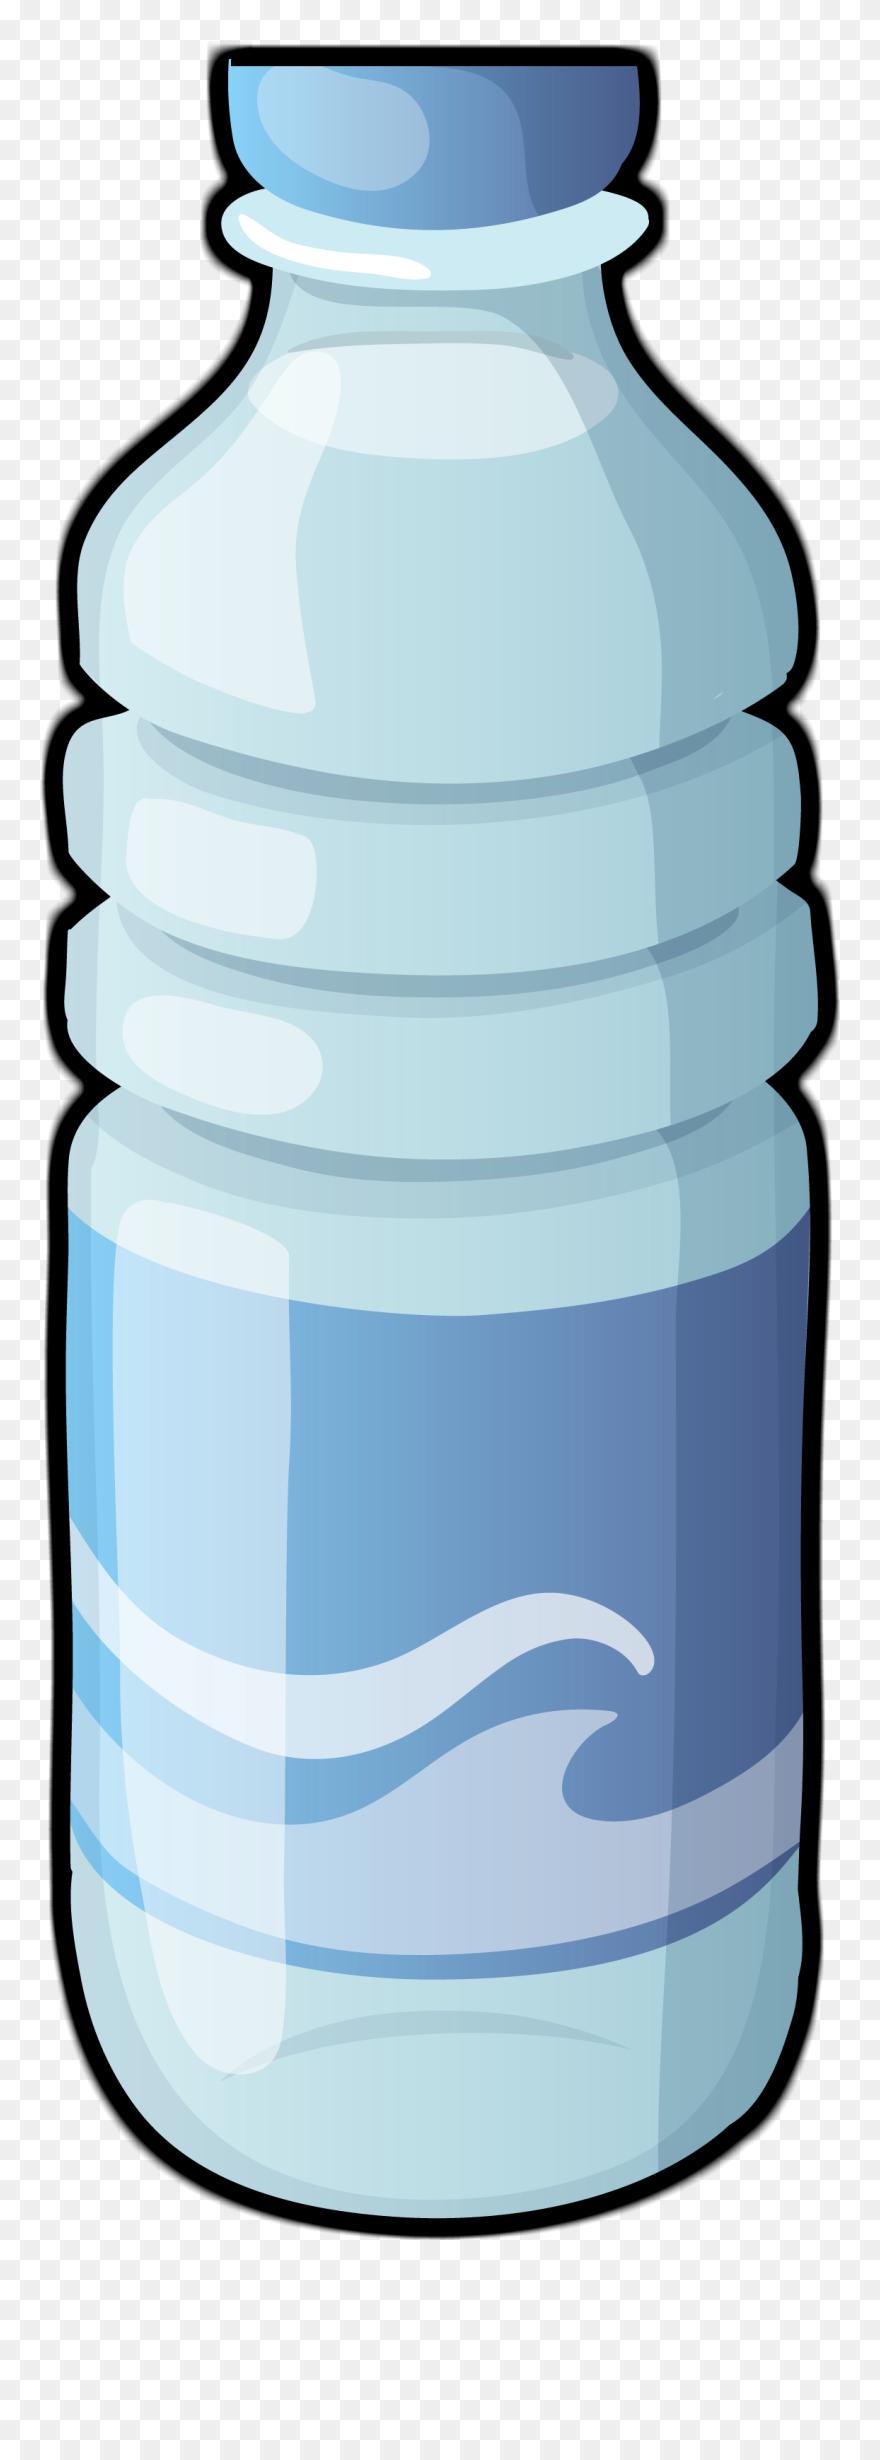 Transparent Background Plastic Bottle Cartoon Clipart 5521781 Pinclipart